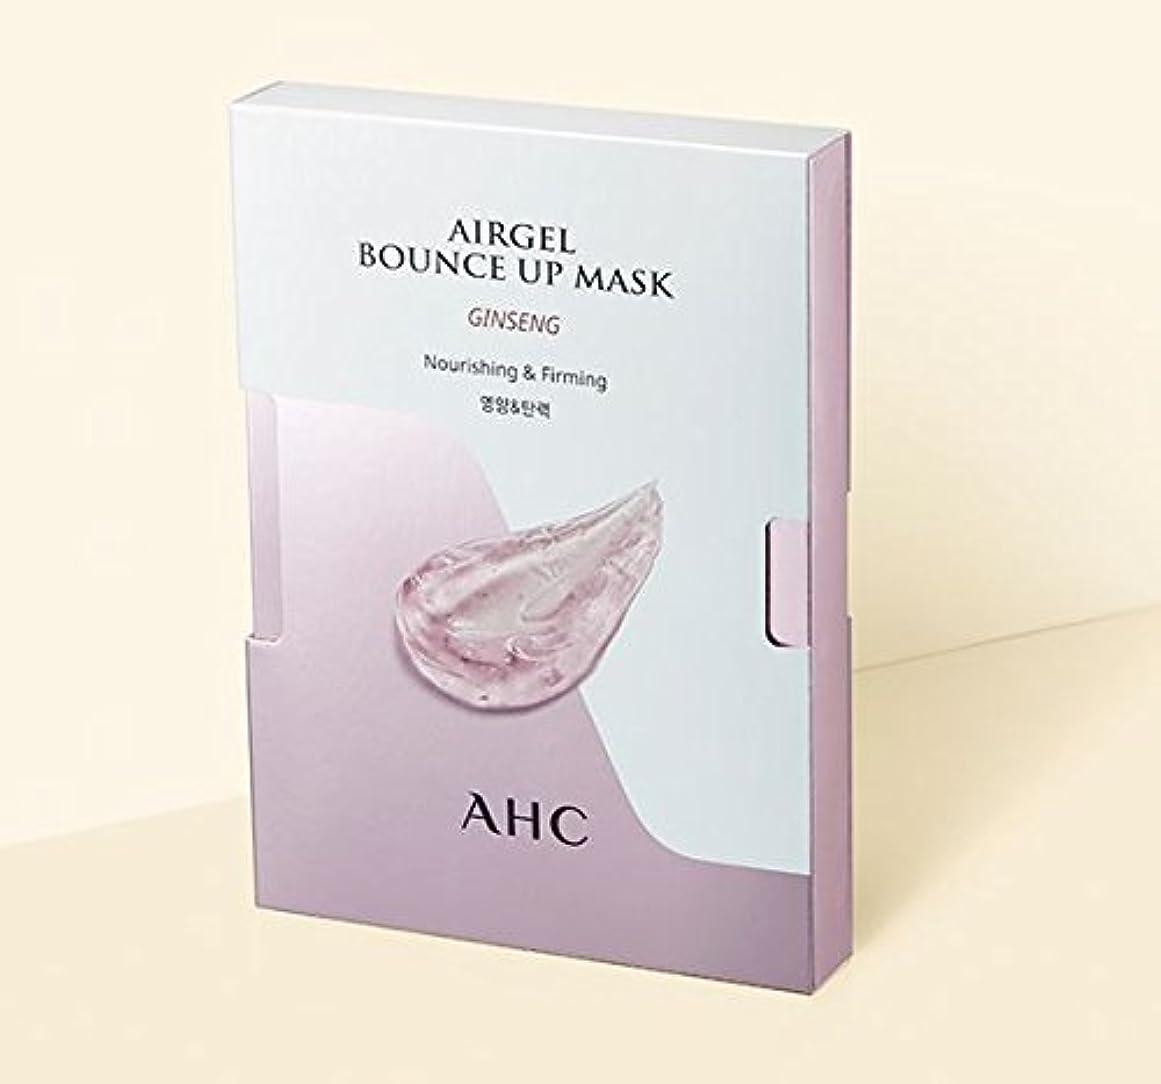 昇進あえぎ愛国的な[A.H.C] Airgel Bounce Up Mask GINSENG (Nourishing&Firming)30g*5sheet/ジンセンエアゲルマスク30g*5枚 [並行輸入品]